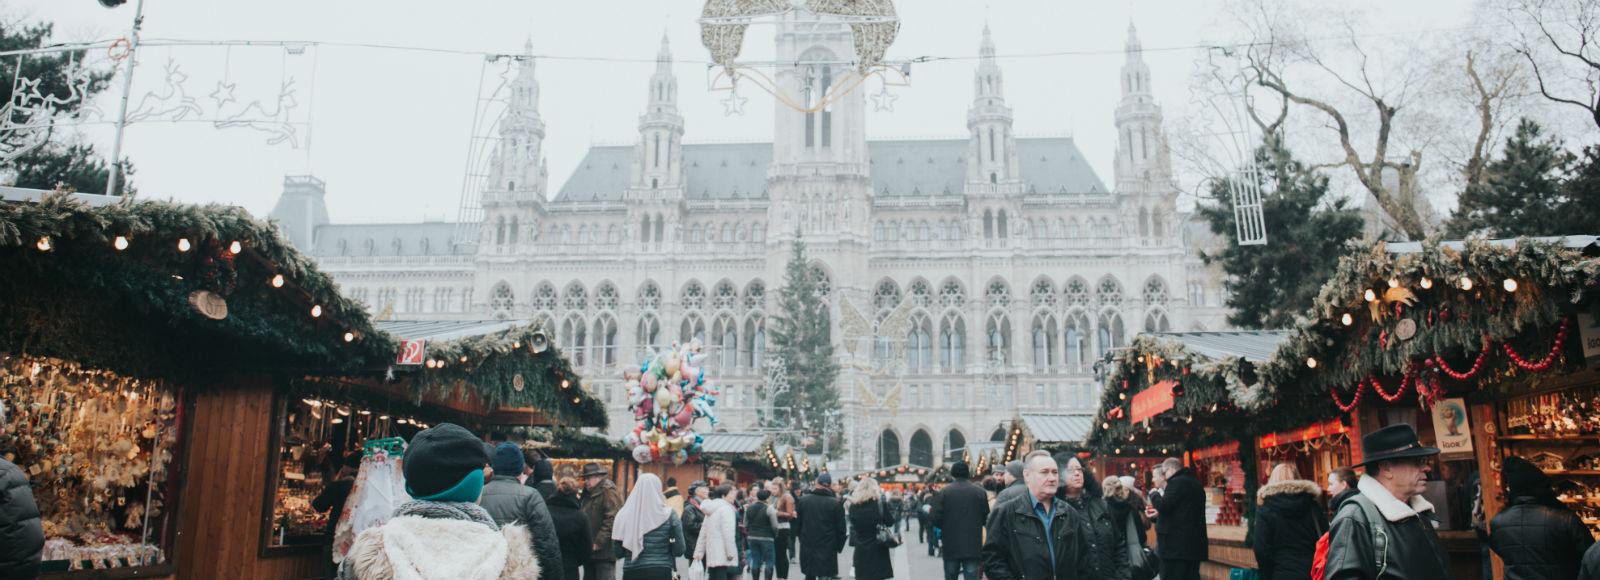 Der beste Weihnachtsmarkt in Wien 2018 | checkfelix